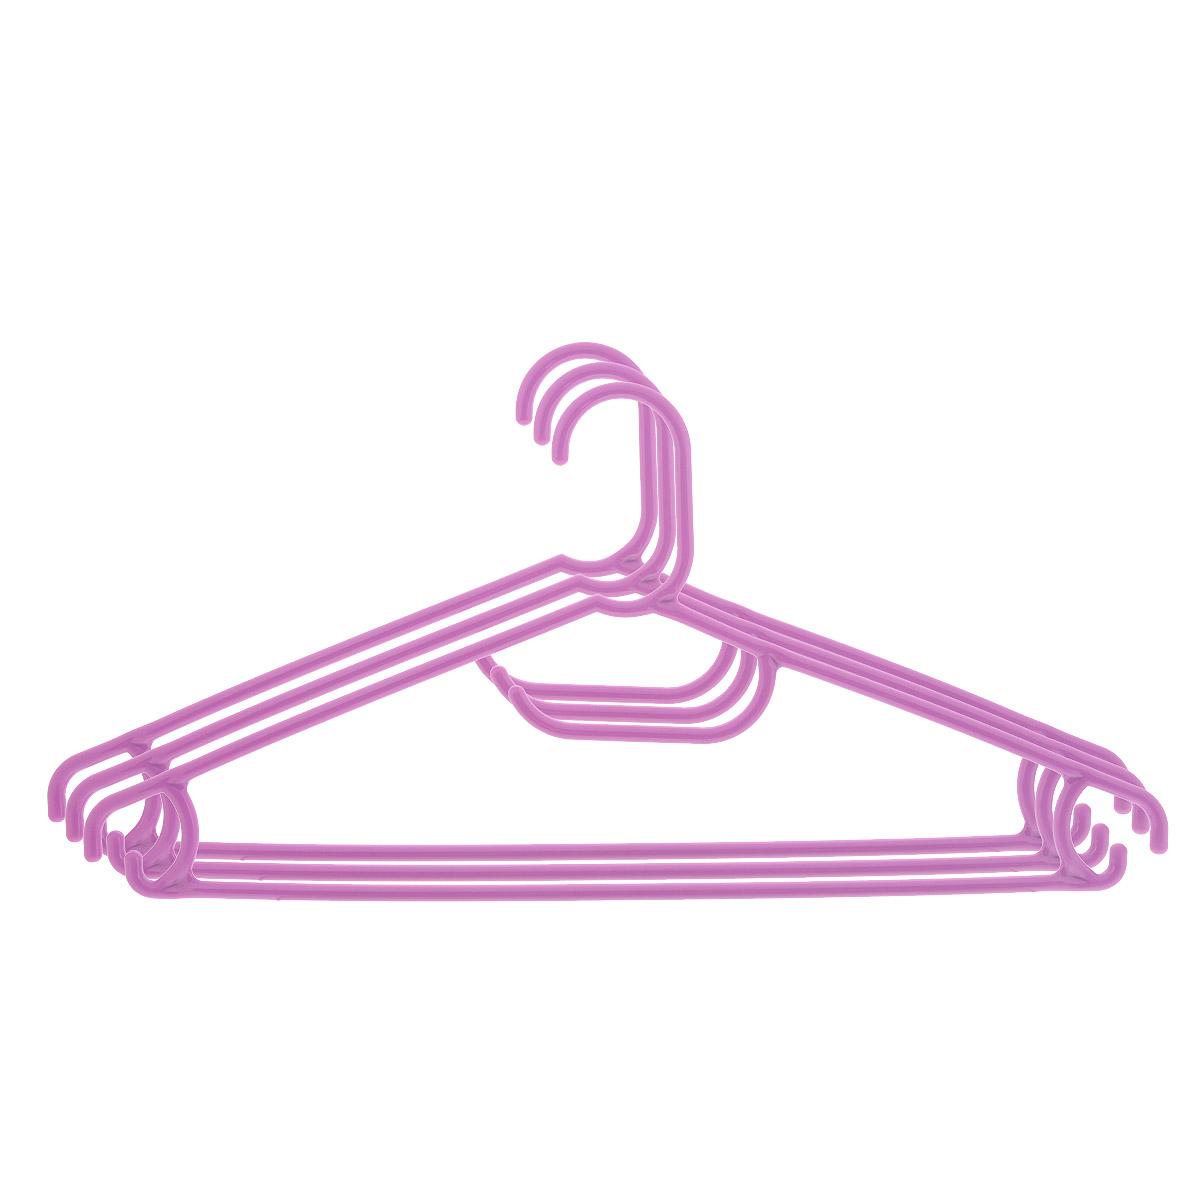 Набор вешалок Econova, цвет: фиолетовый, размер 48, 3 штС12354 фиолетовыйНабор Econova, выполненный из прочного пластика, состоит из 3 вешалок.Каждое изделие оснащено перекладиной, боковыми крючками, а также крючком для галстуков. Вешалка - это незаменимая вещь для того, чтобы ваша одежда всегда оставалась в хорошем состоянии.Комплектация: 3 шт.Размер одежды: 48.